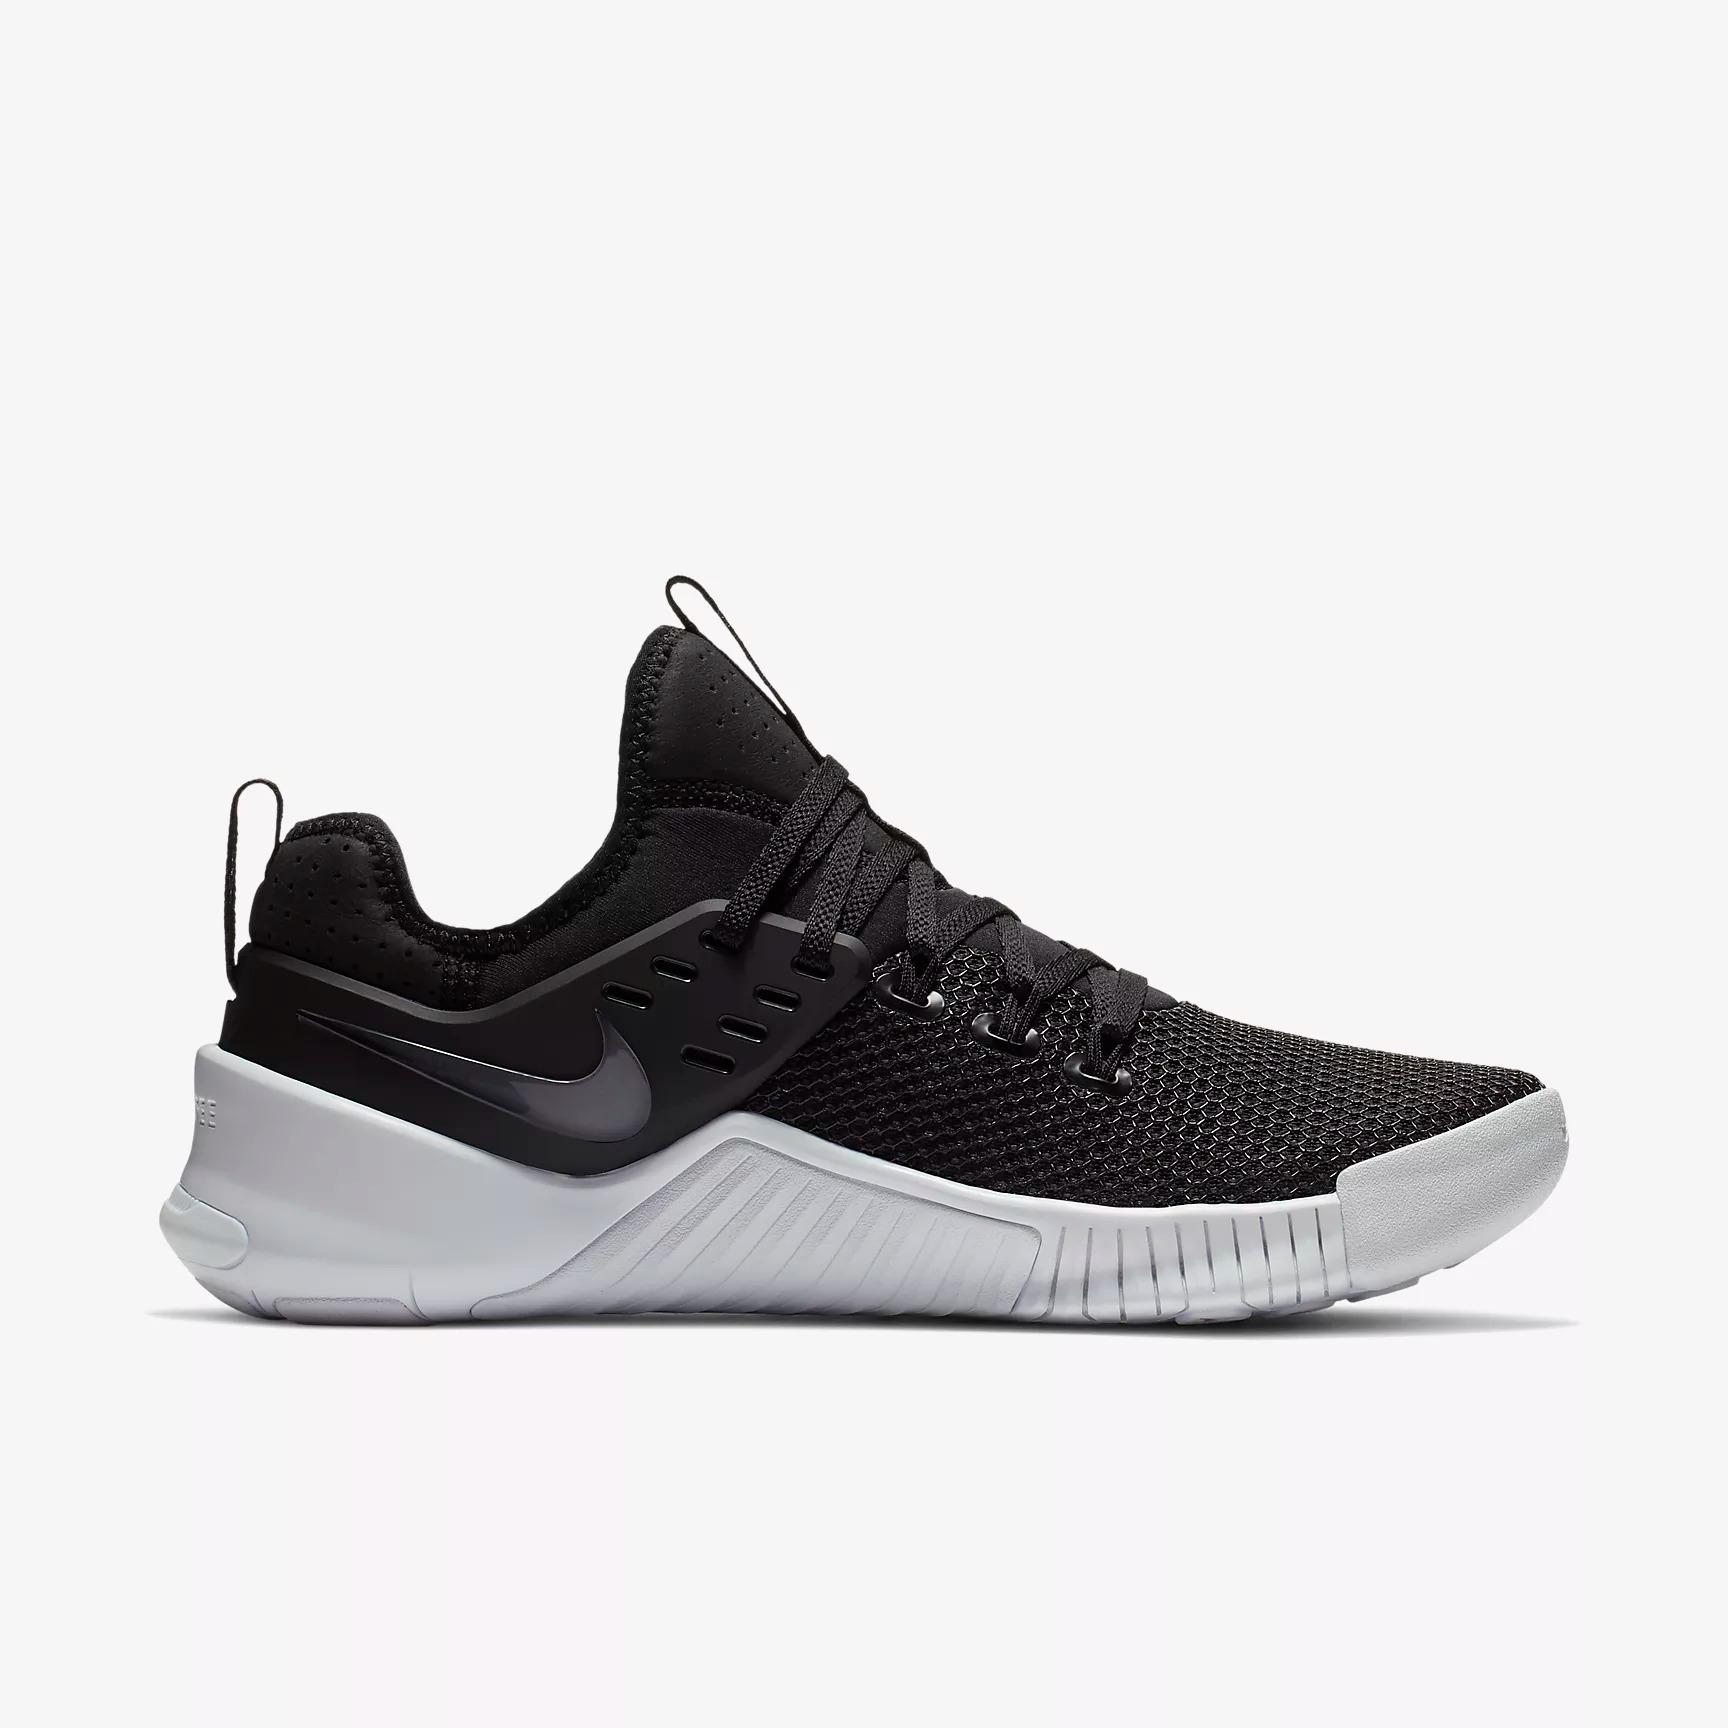 3b18902068f7e Nike Free x Metcon Training Shoes - SPORT SHOES TRAINING SHOES ...